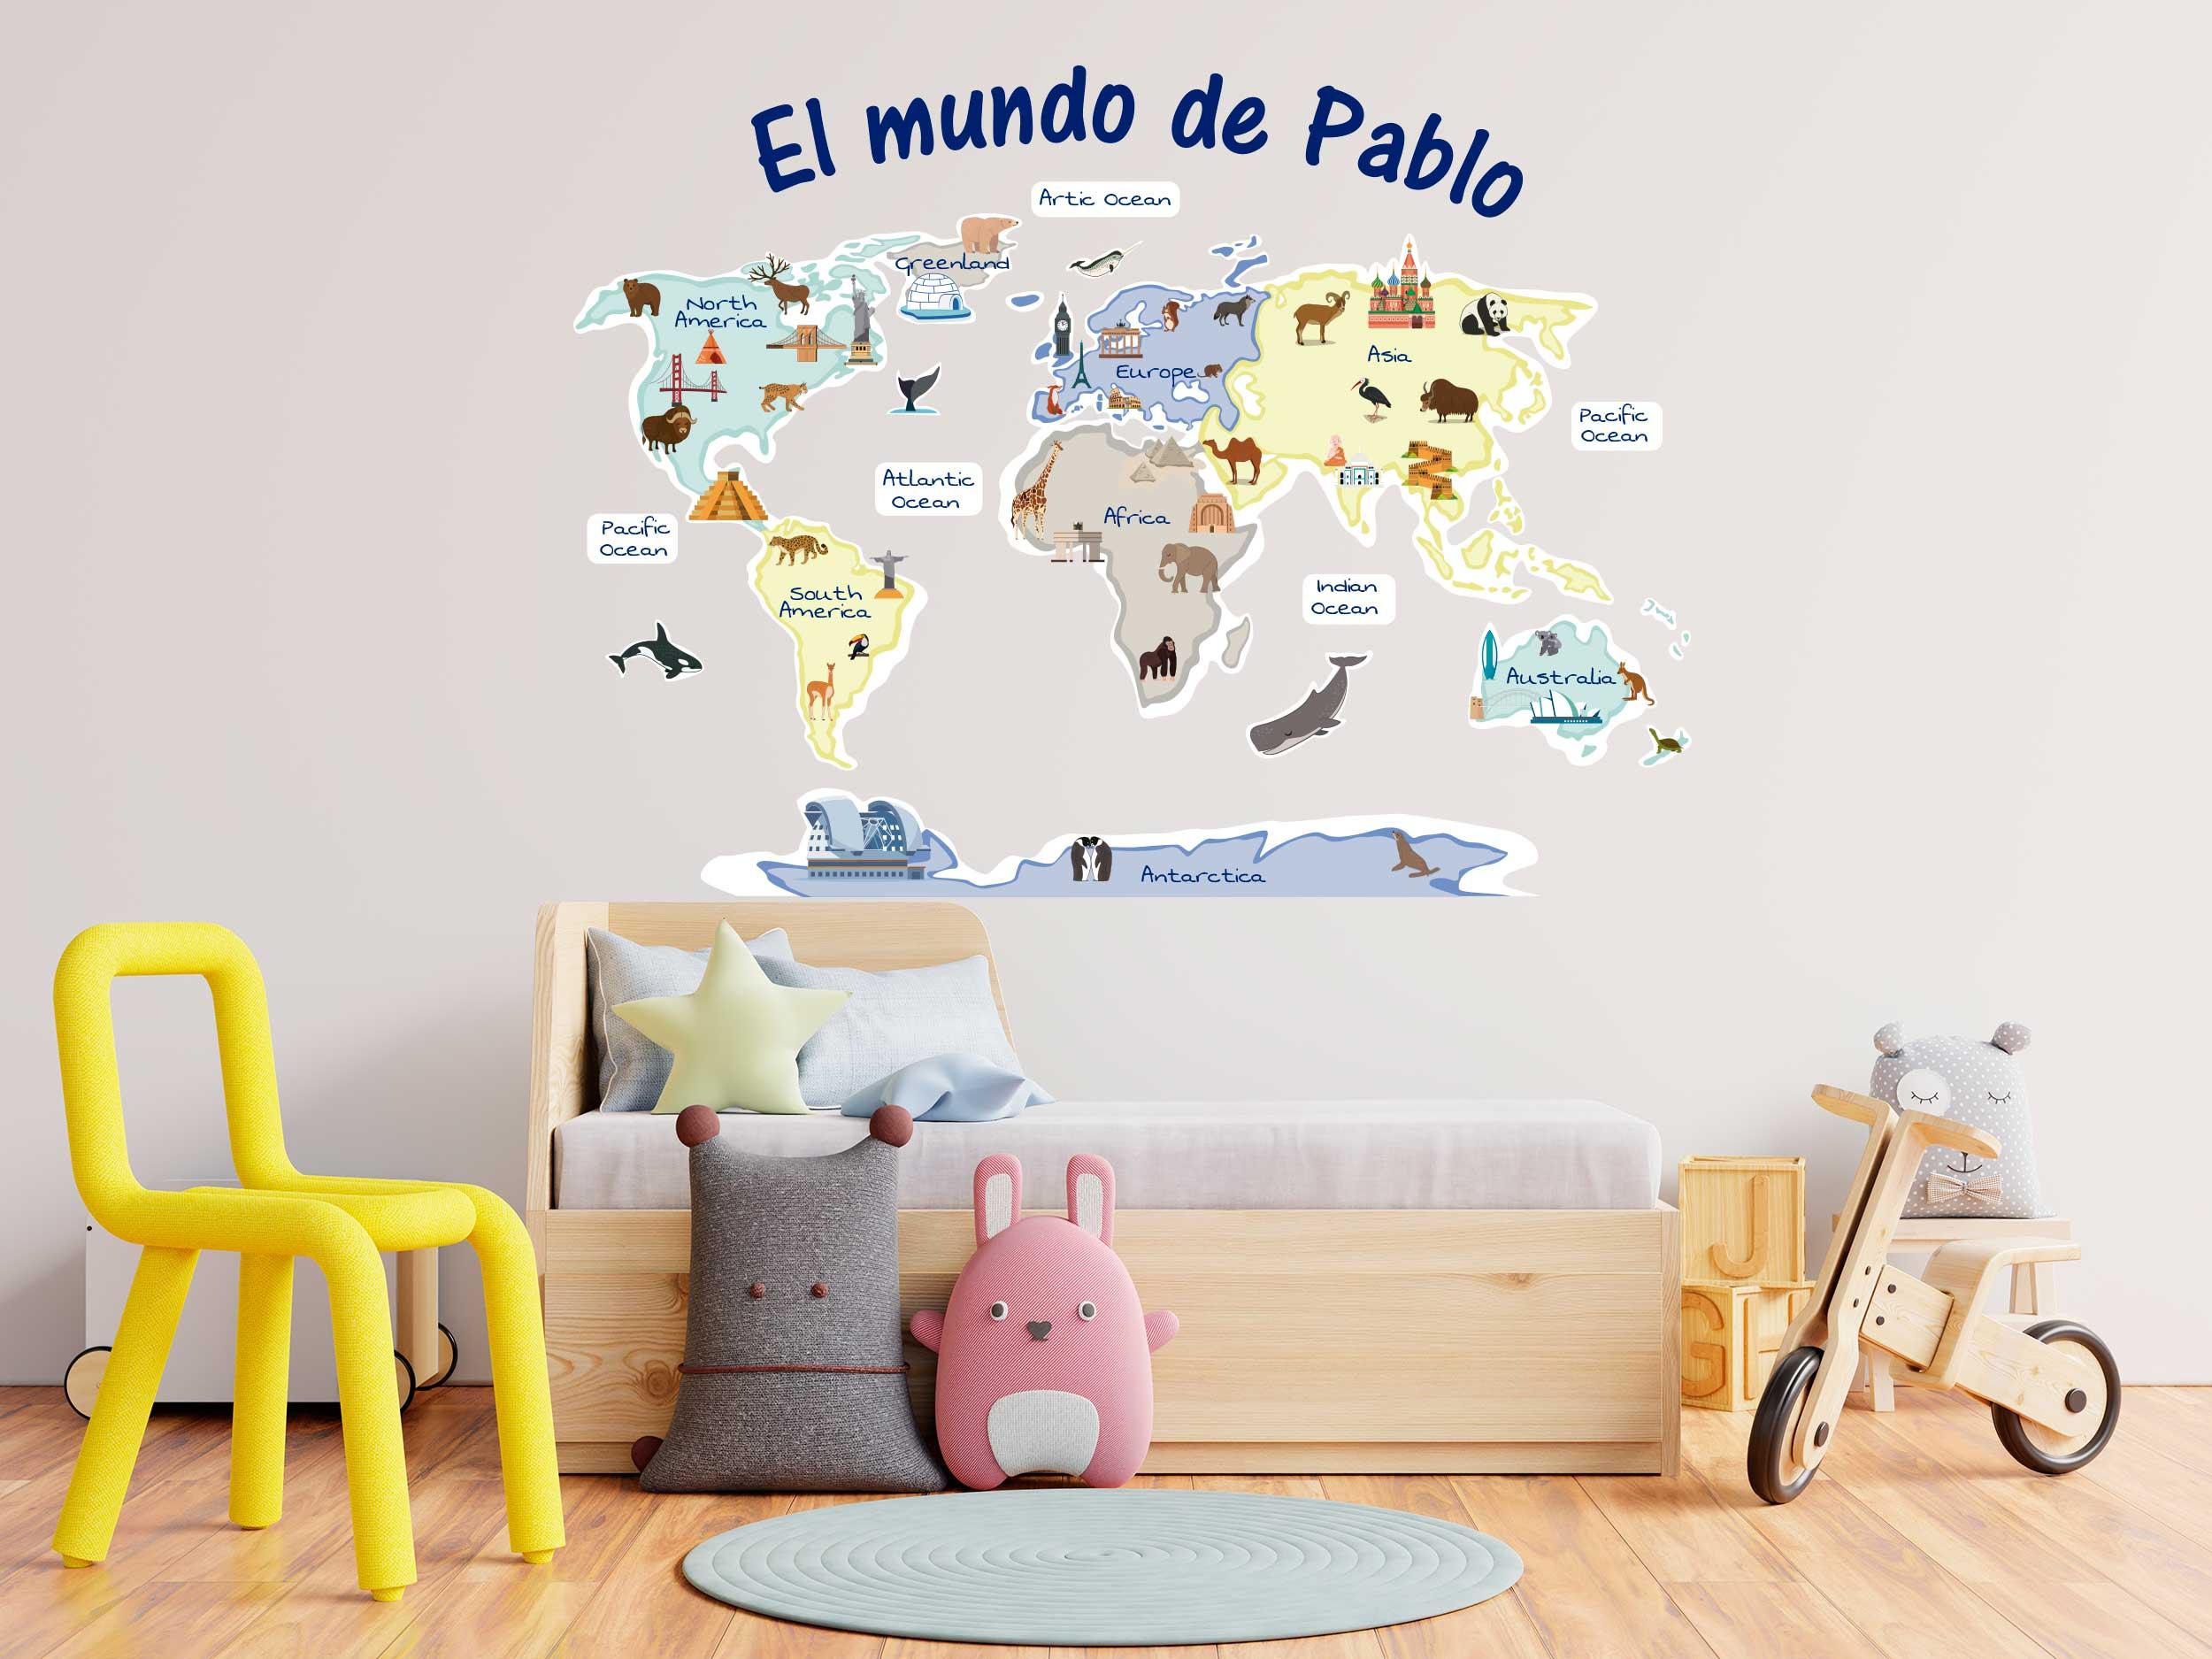 mapamundi-Pablo-web